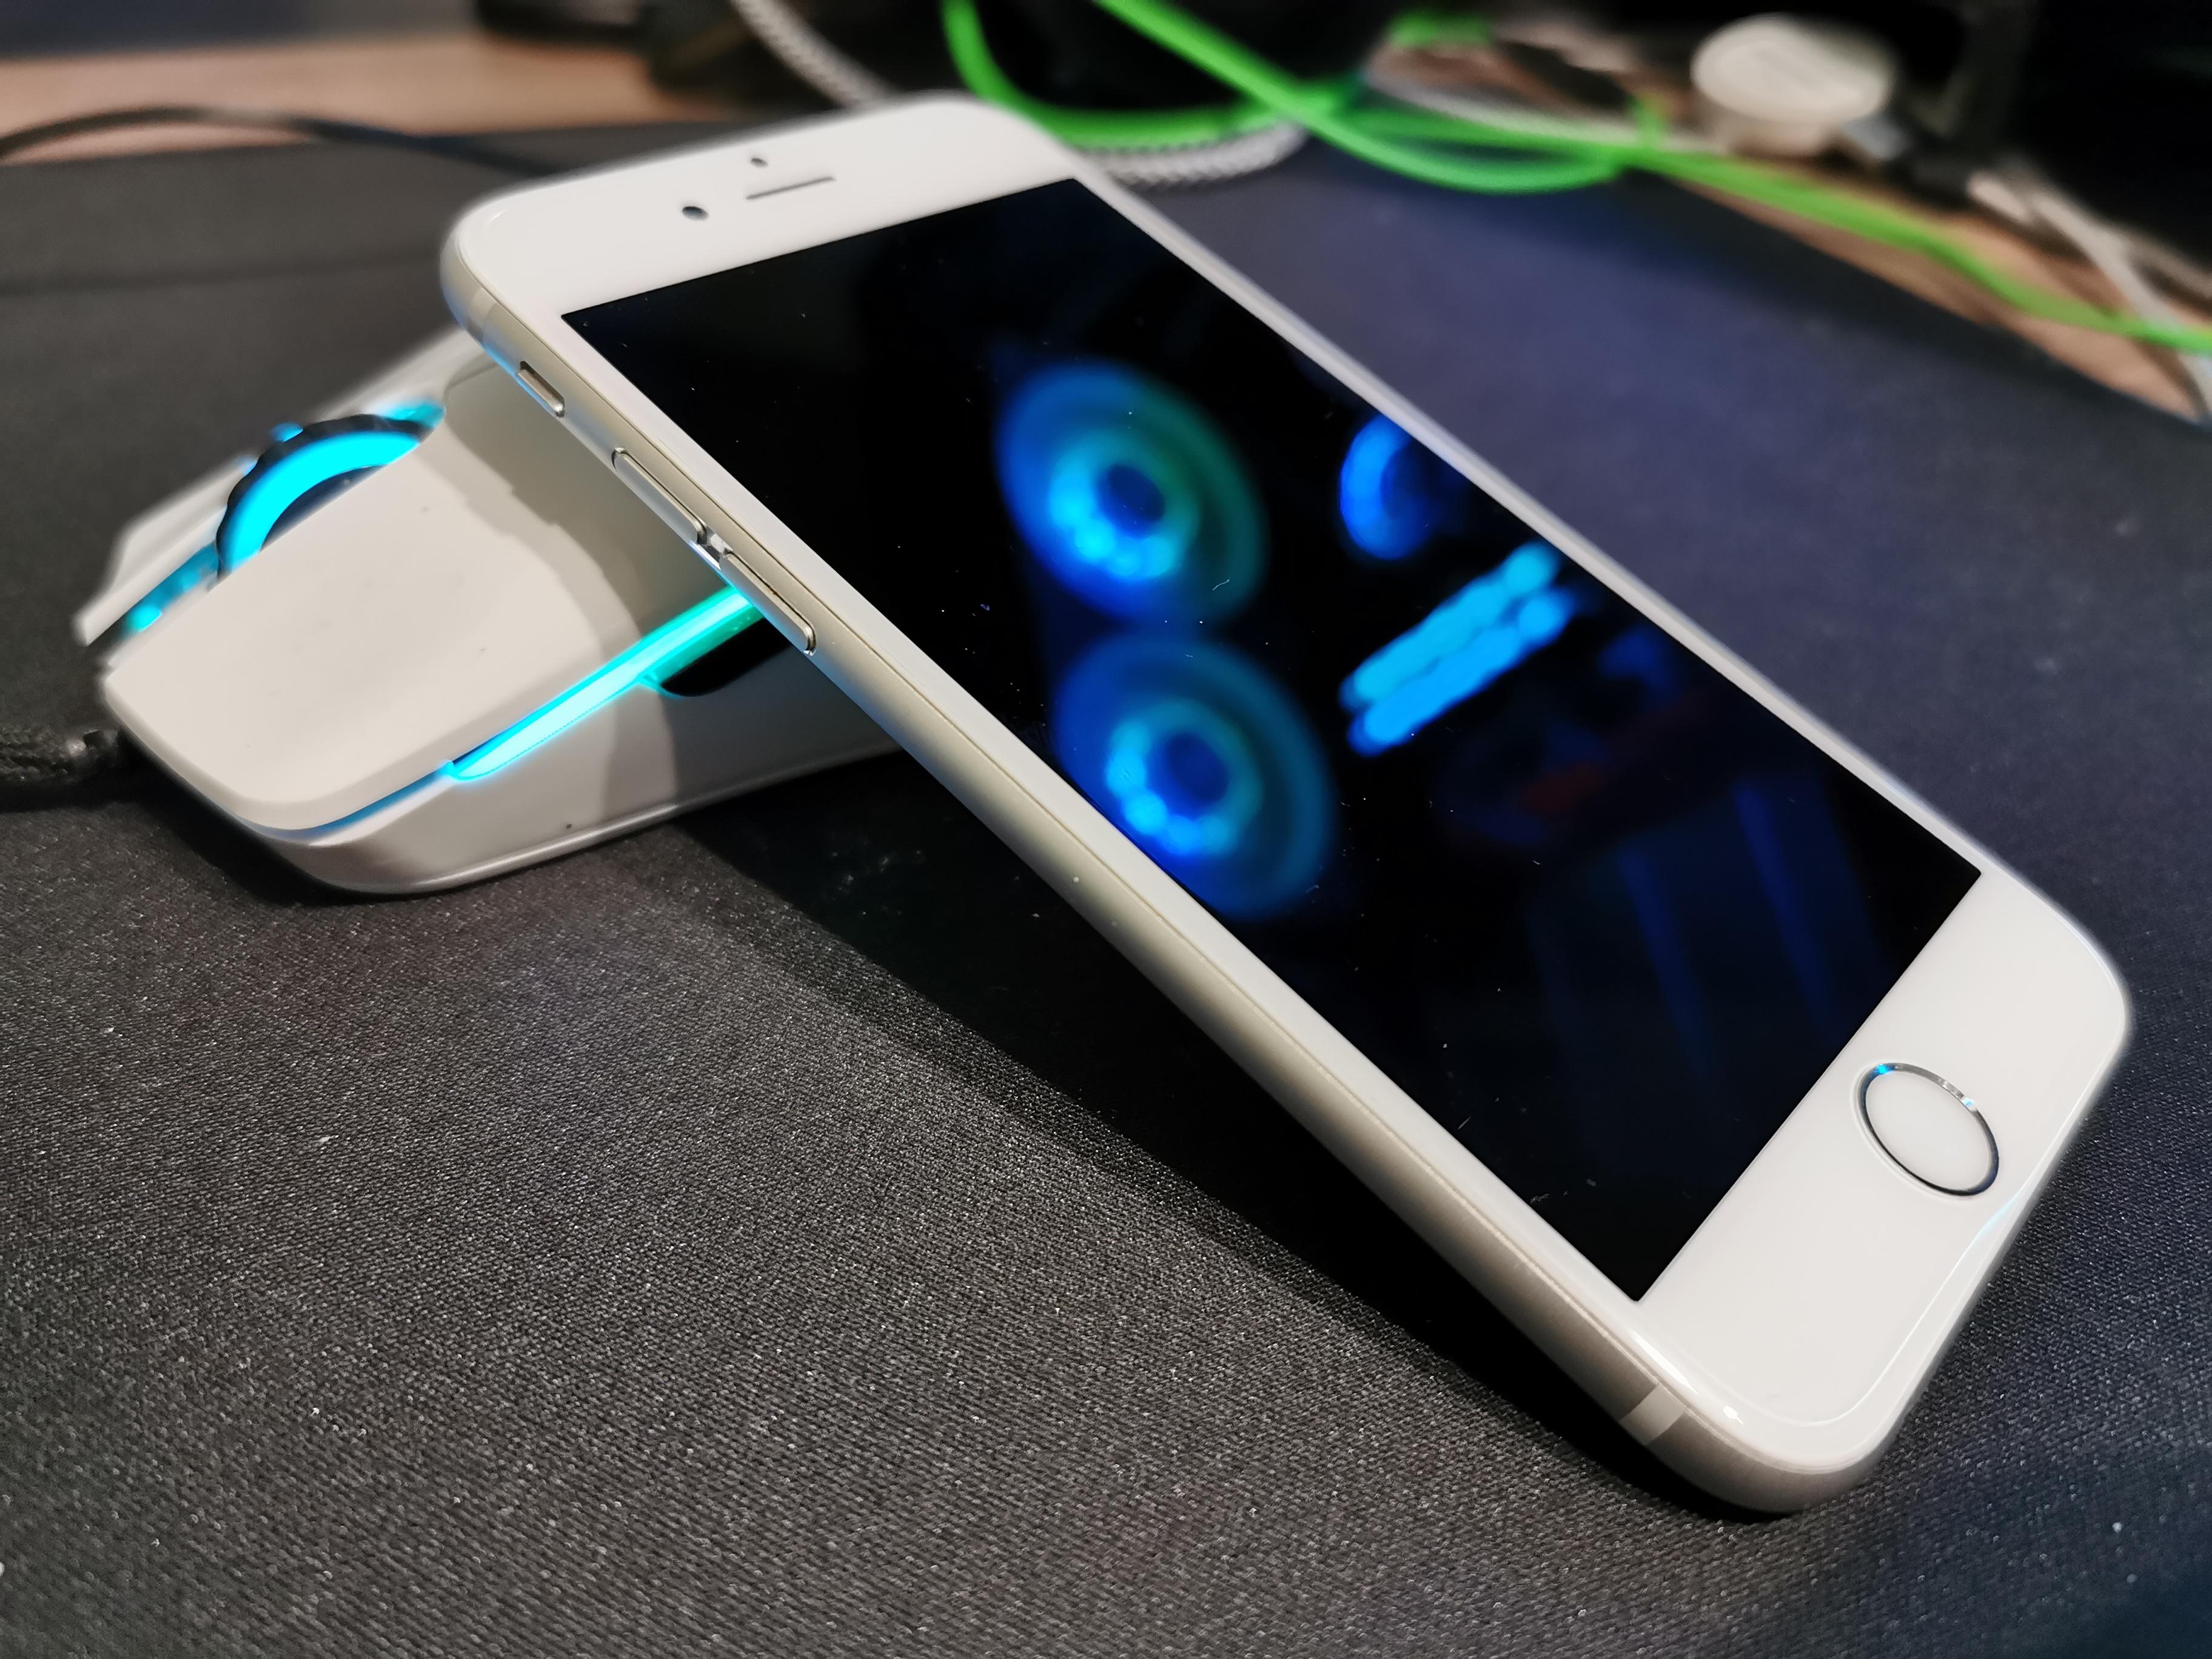 Jak się nie ma, co się lubi... Jak wypada iPhone 6S w 2020 roku? 22